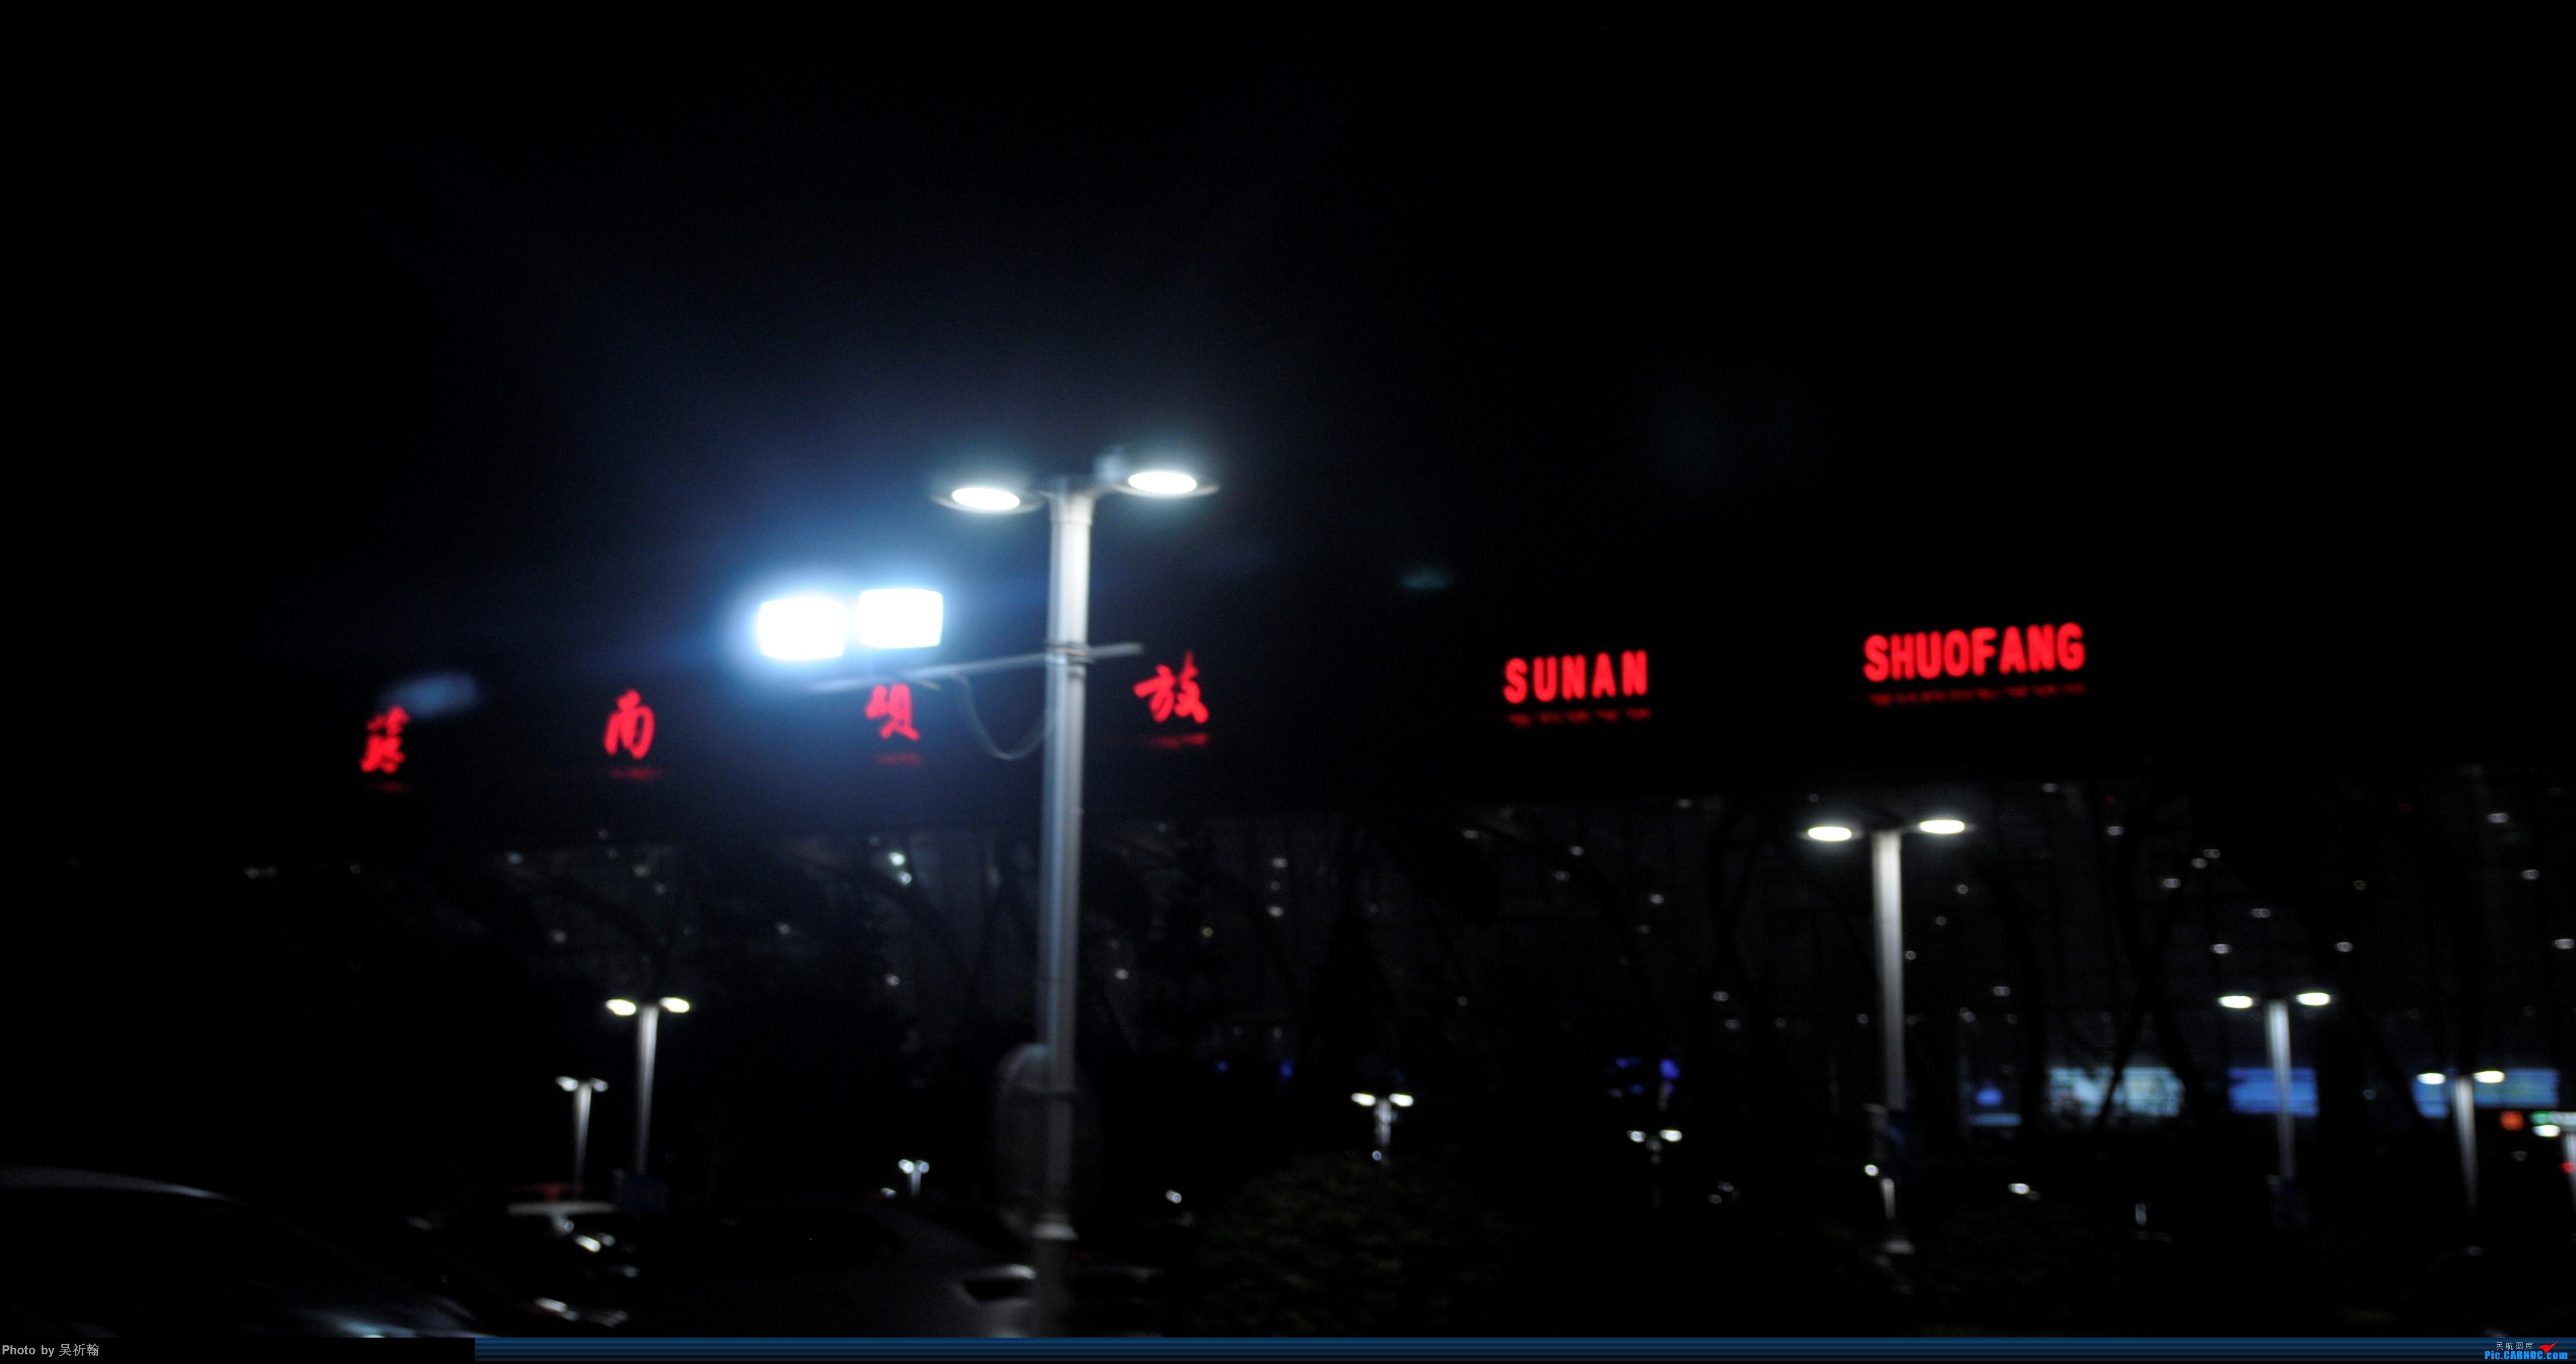 Re:[求]跪求各城市机场航站楼醒目标志LOGO照片,小弟在此谢过了。谢谢谢谢,赠送小飞机o    中国无锡硕放国际机场